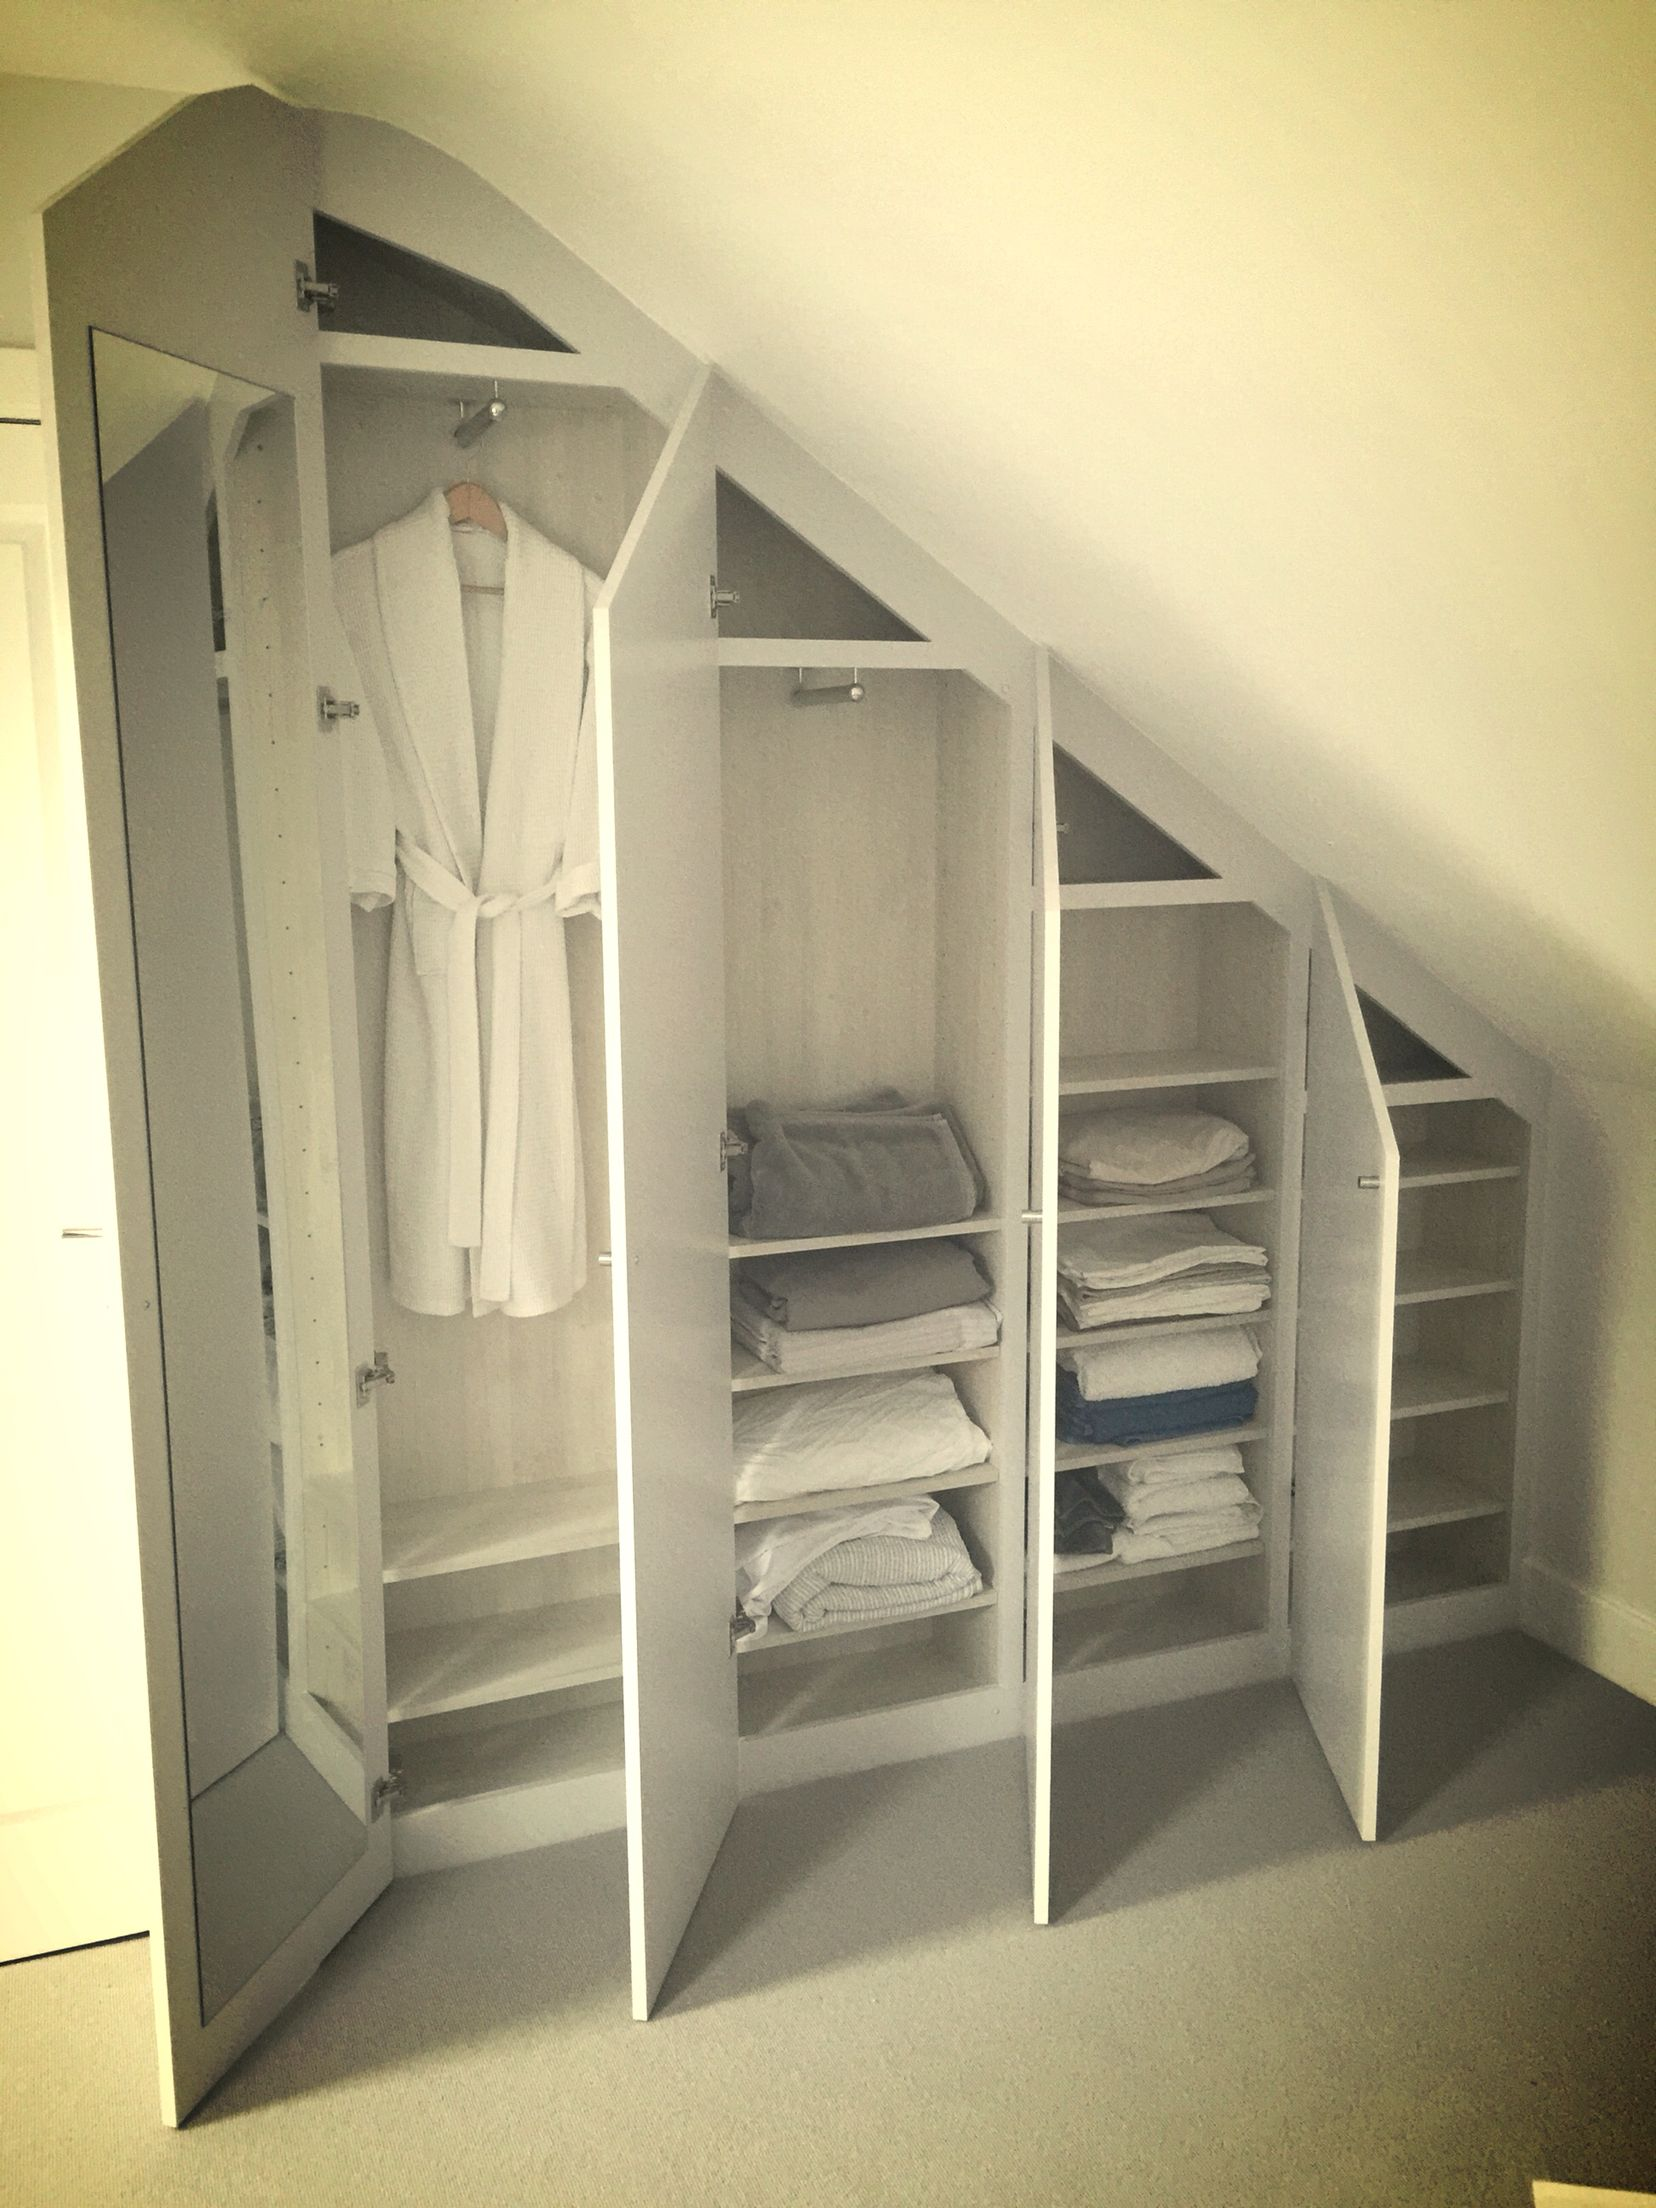 wardrobe to fit in loft conversion m bel pinterest dachboden dachboden ideen und. Black Bedroom Furniture Sets. Home Design Ideas